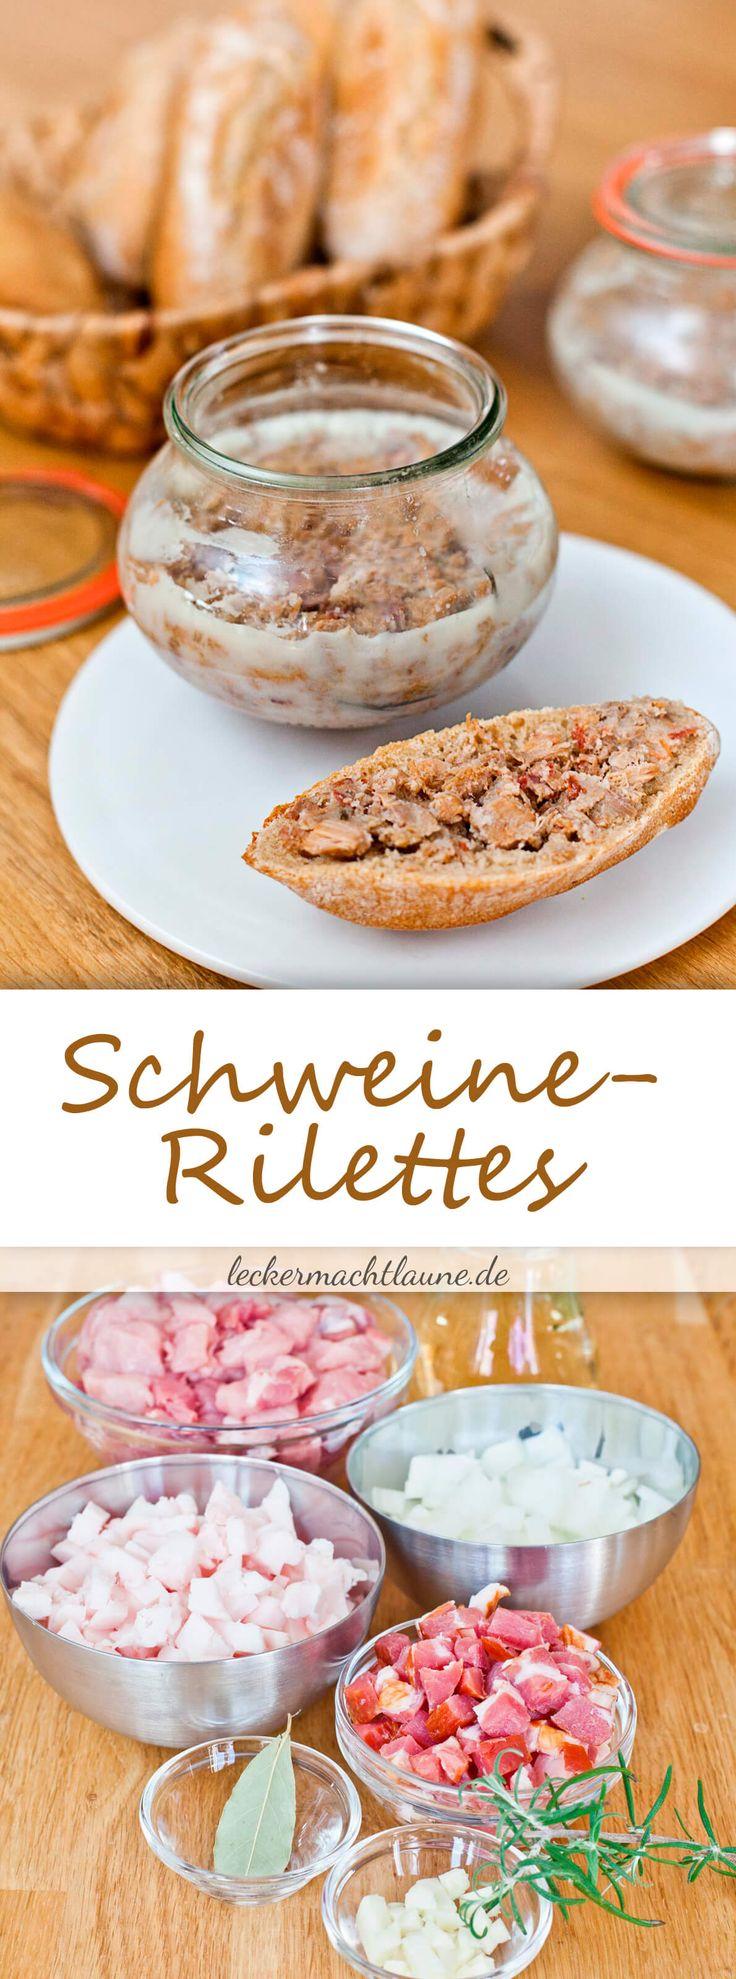 Schweine-Rilettes {französischer Brotaufstrich}